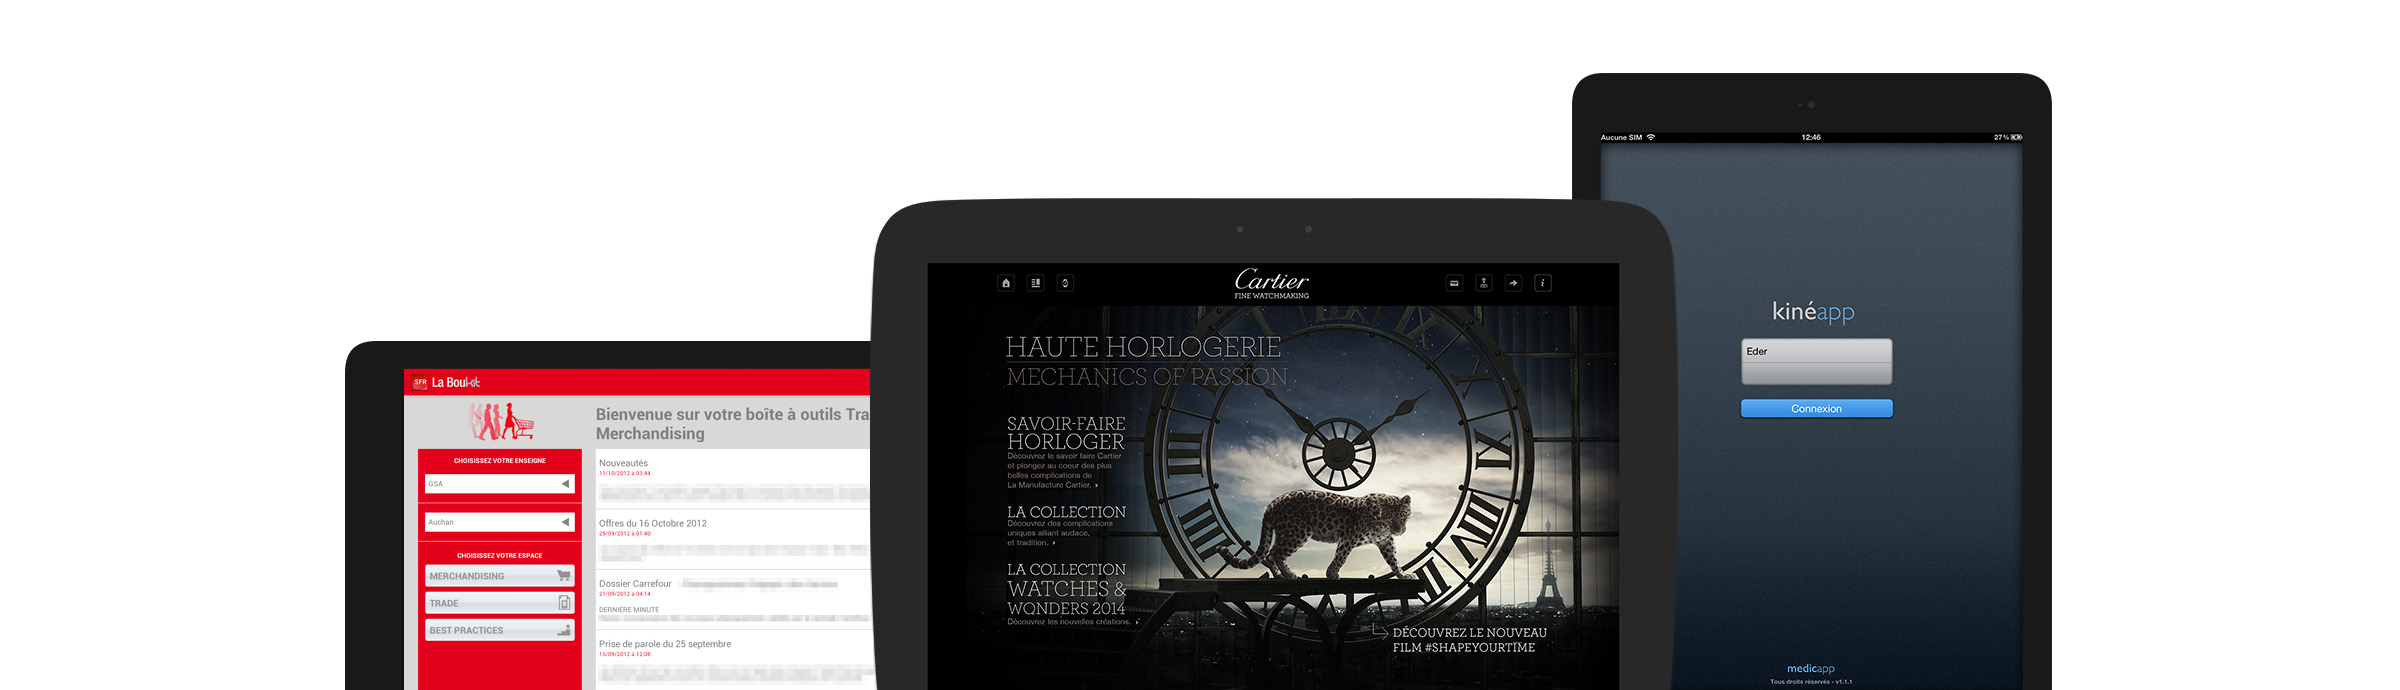 agence mobile d veloppement cr ation application tablette l 39 atelier du mobile. Black Bedroom Furniture Sets. Home Design Ideas